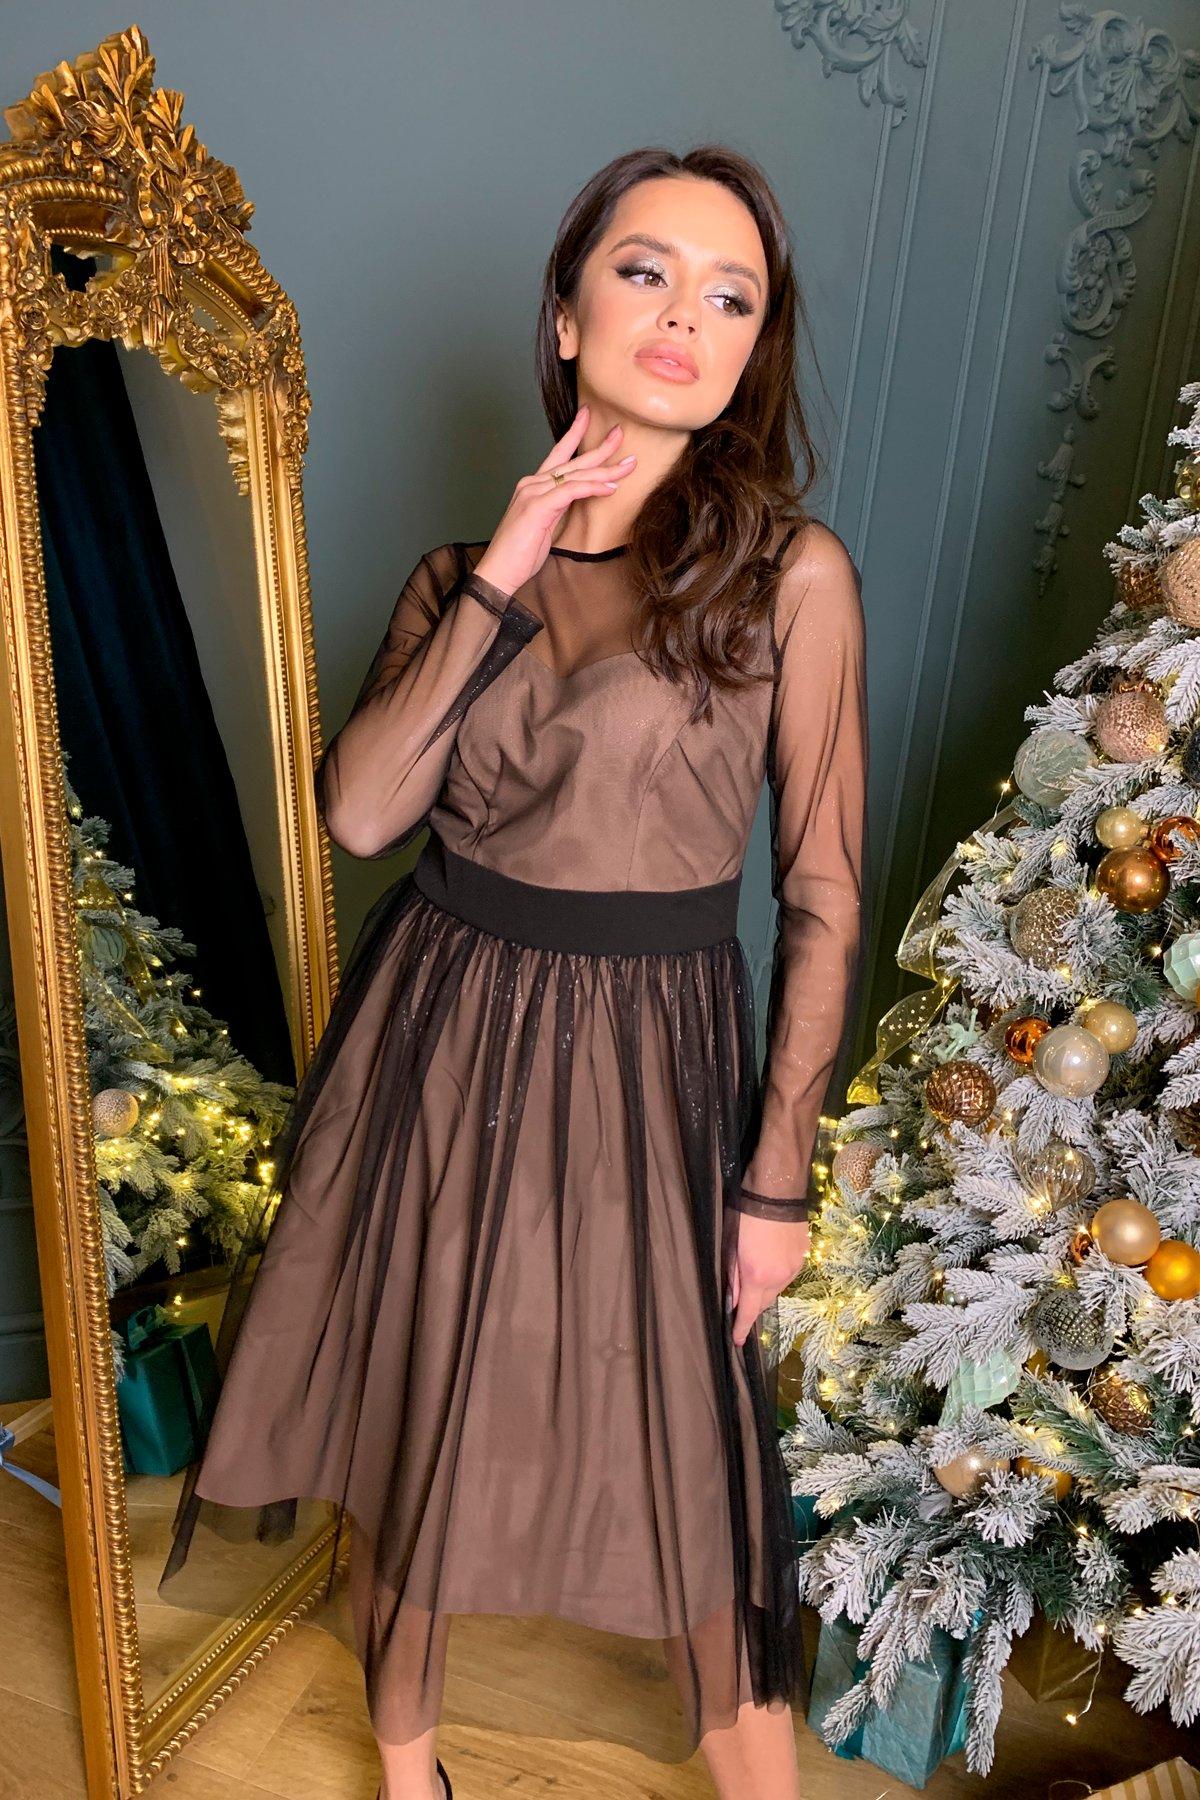 Платье миди длины с юбкой солнце-клеш Роял 8681 АРТ. 45005 Цвет: Черный/серебро - фото 1, интернет магазин tm-modus.ru